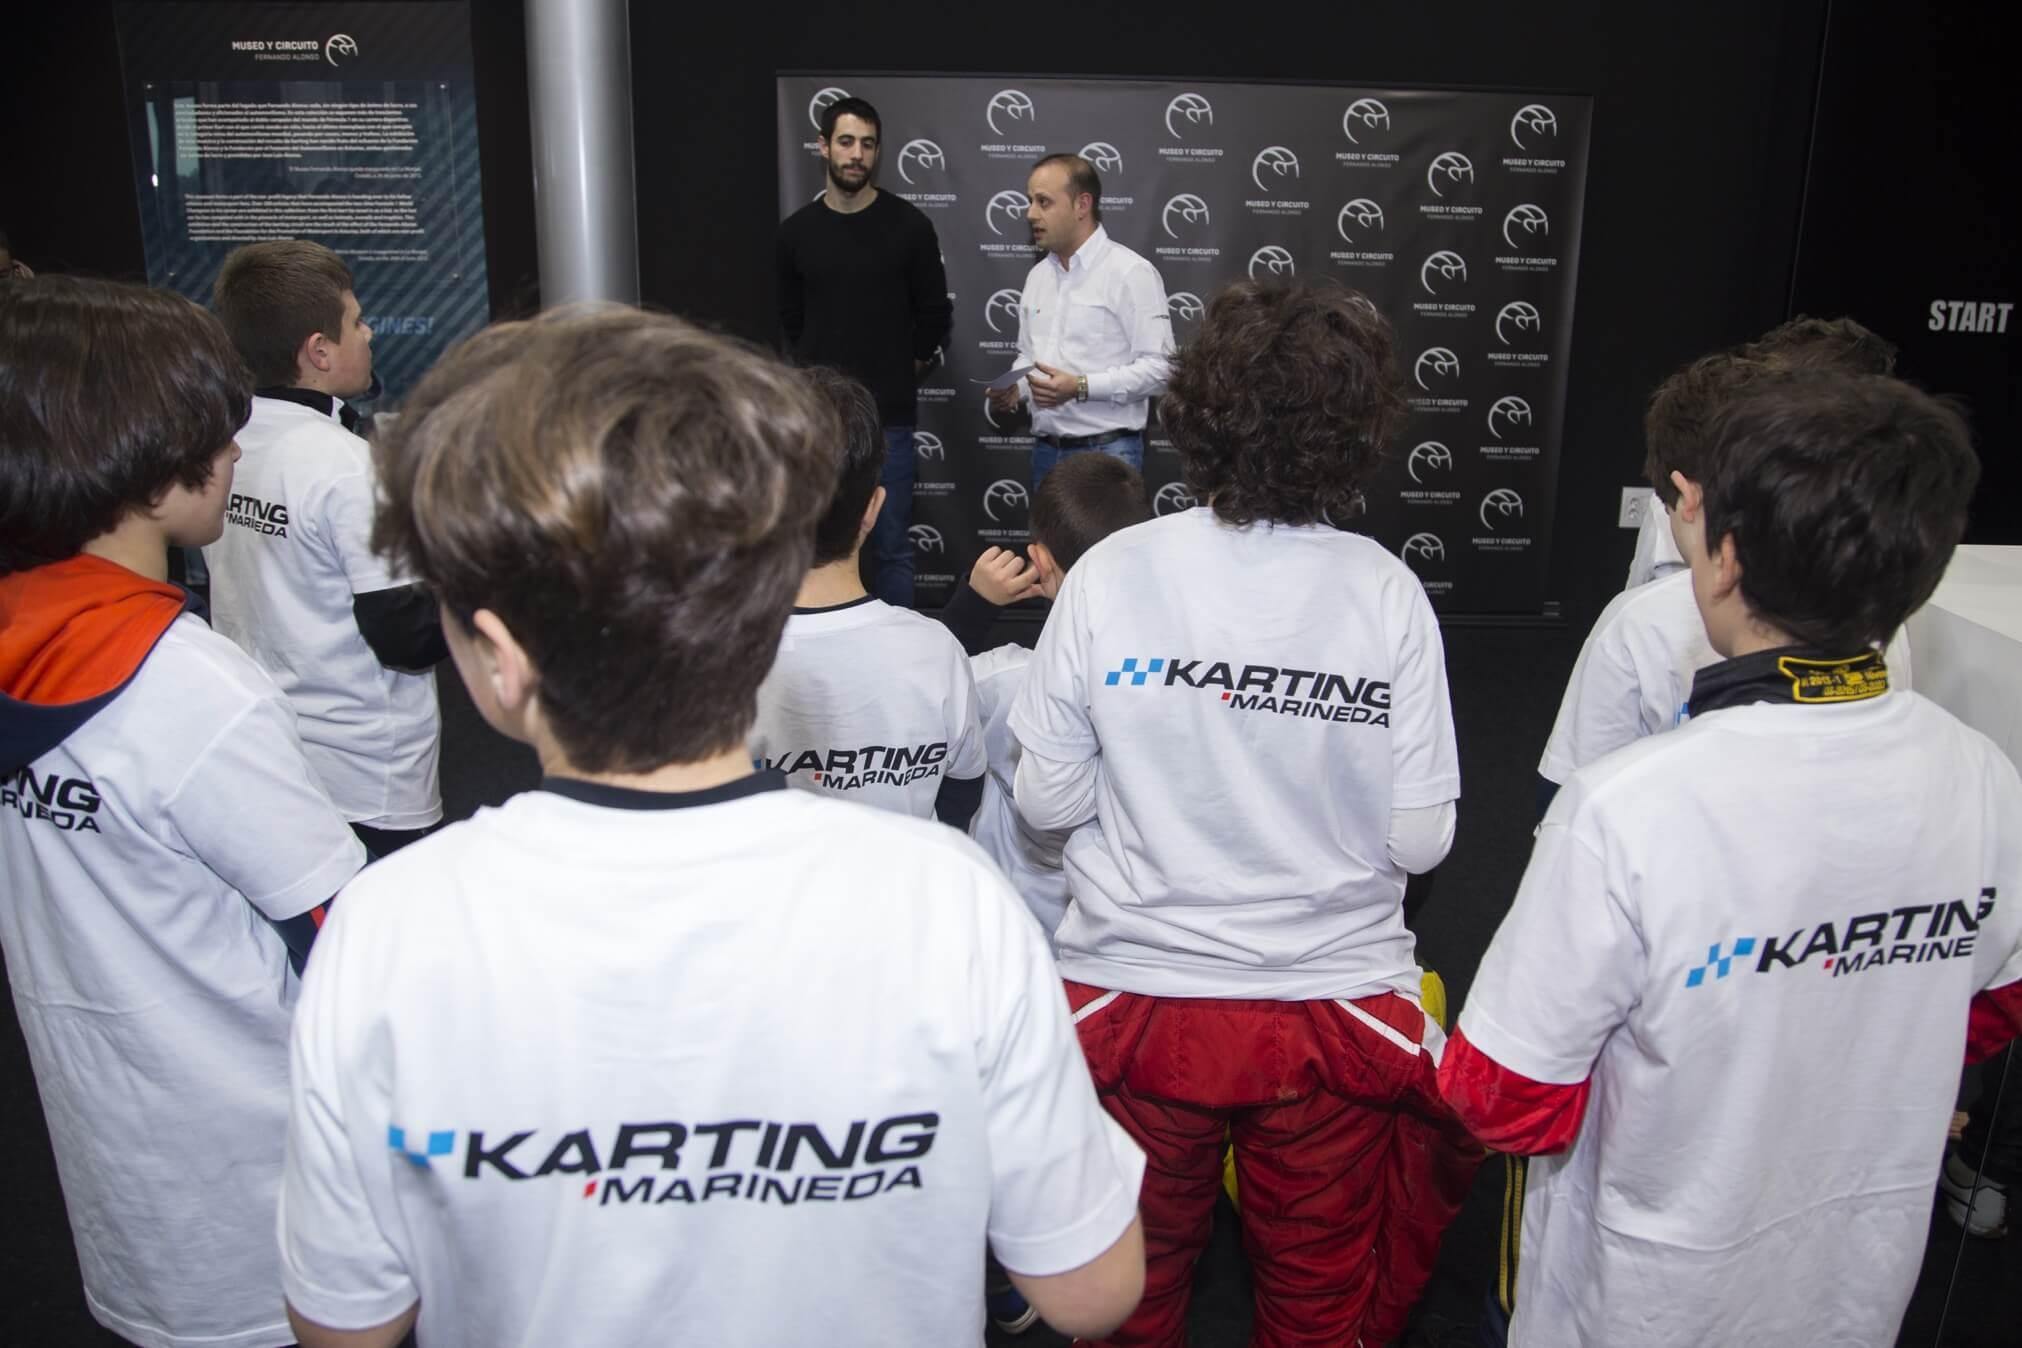 La Factoría De Karting Marineda Beca A 6 Pilotos En El Circuito De Fernando Alonso.